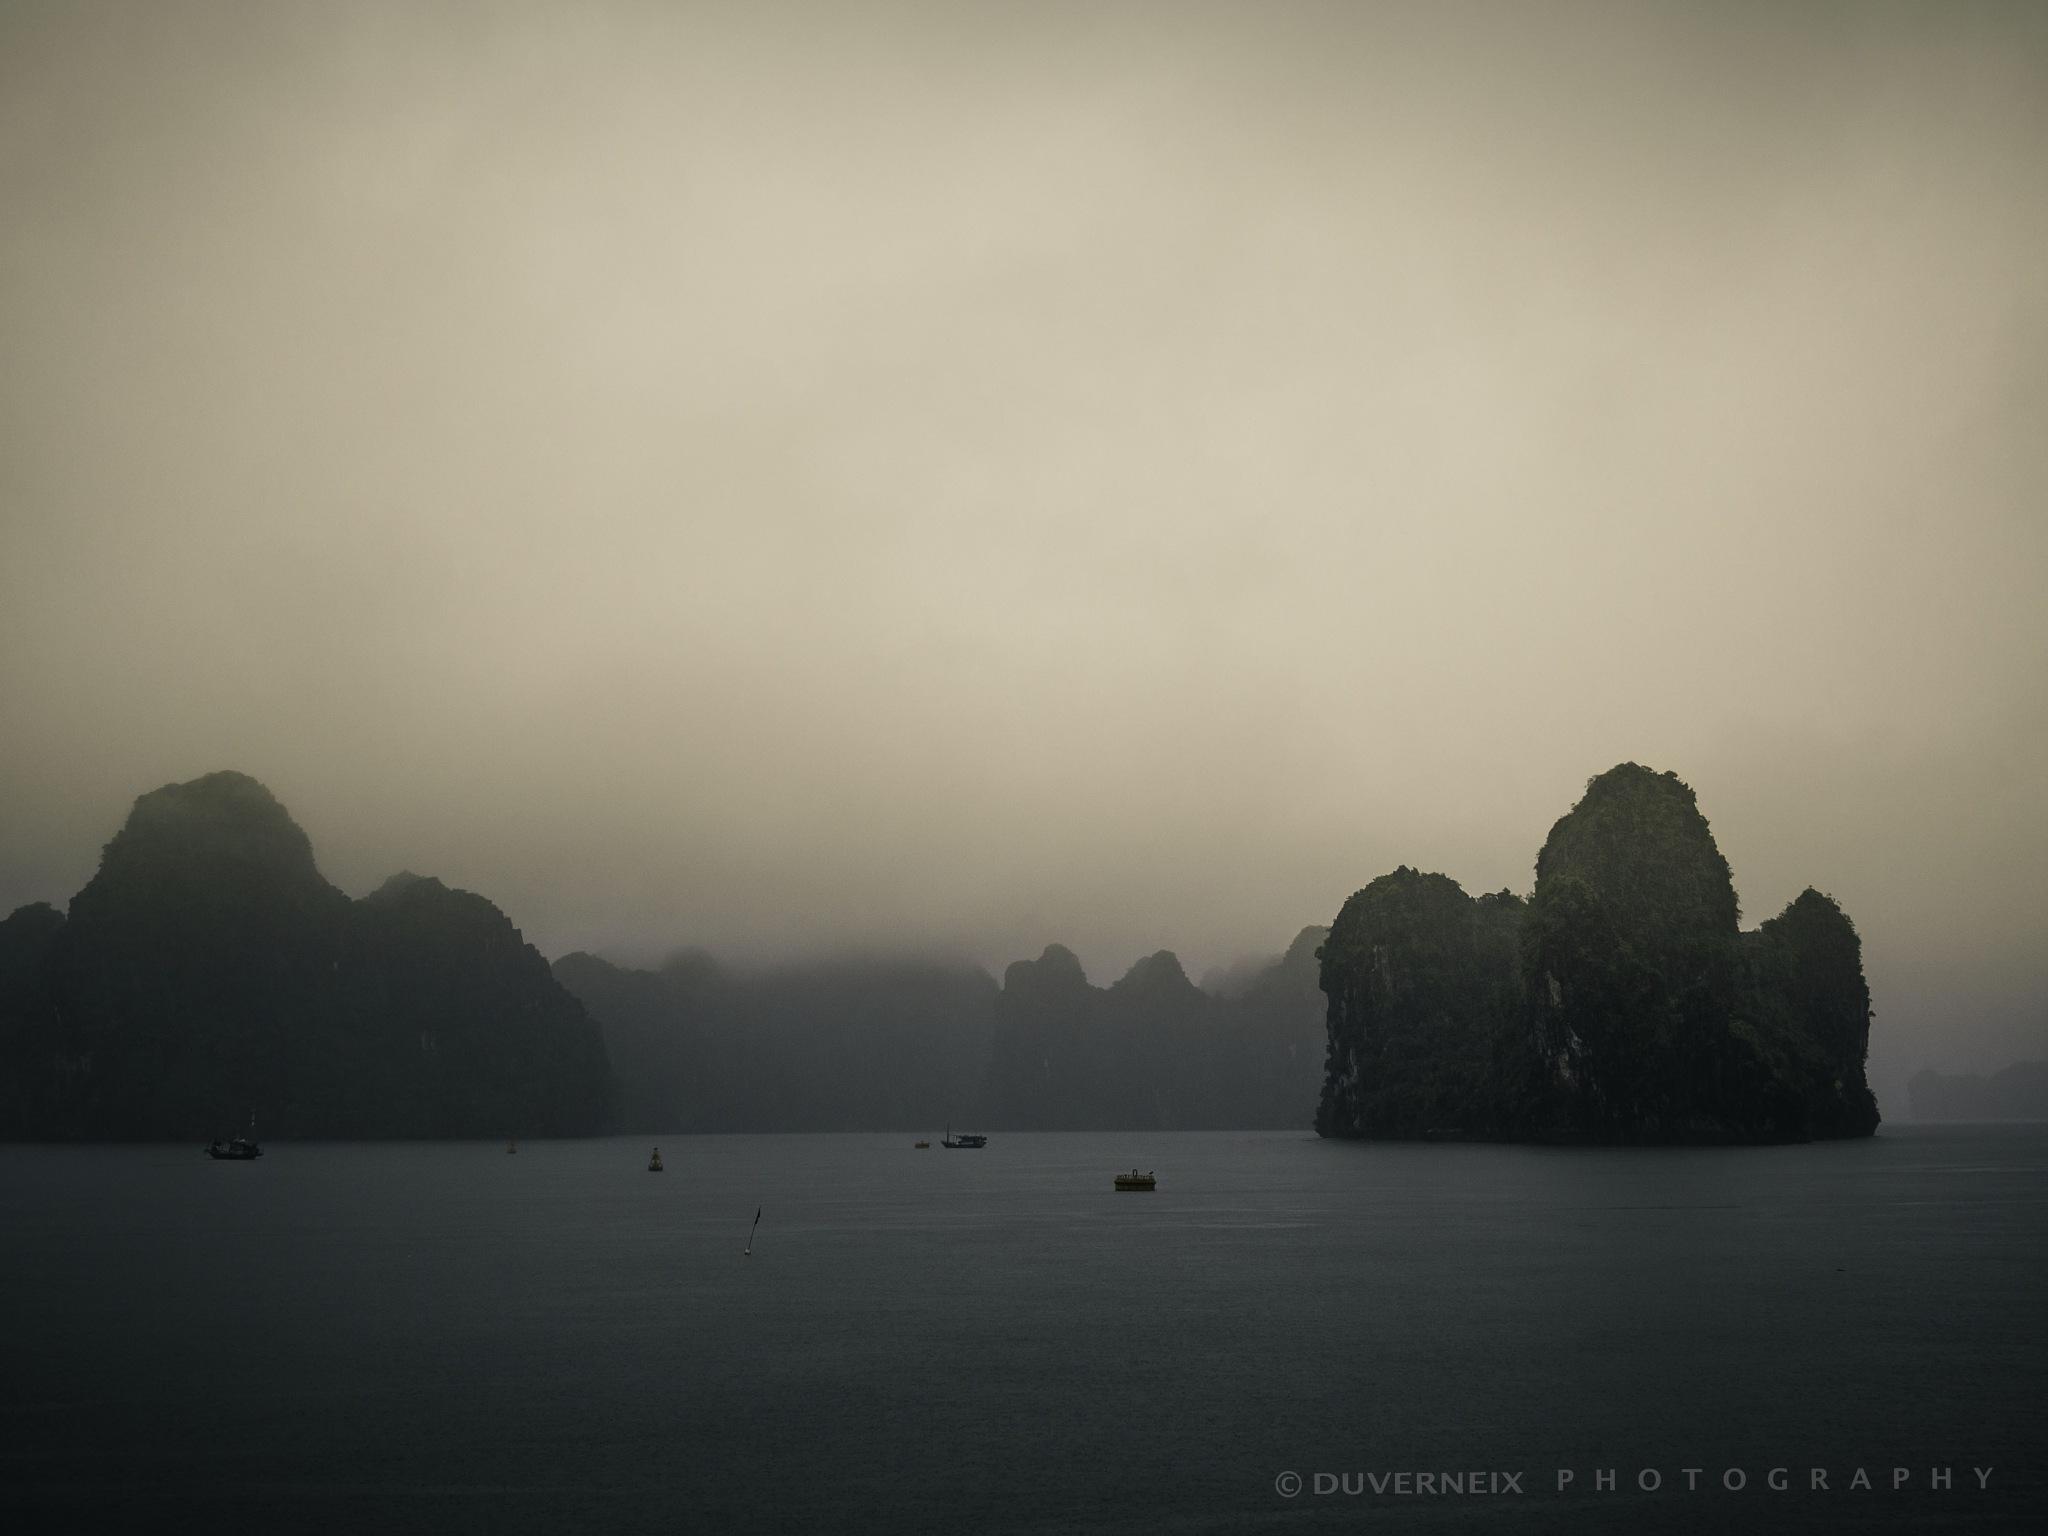 baie d'allong Vietnam by DuverneixPhotographie